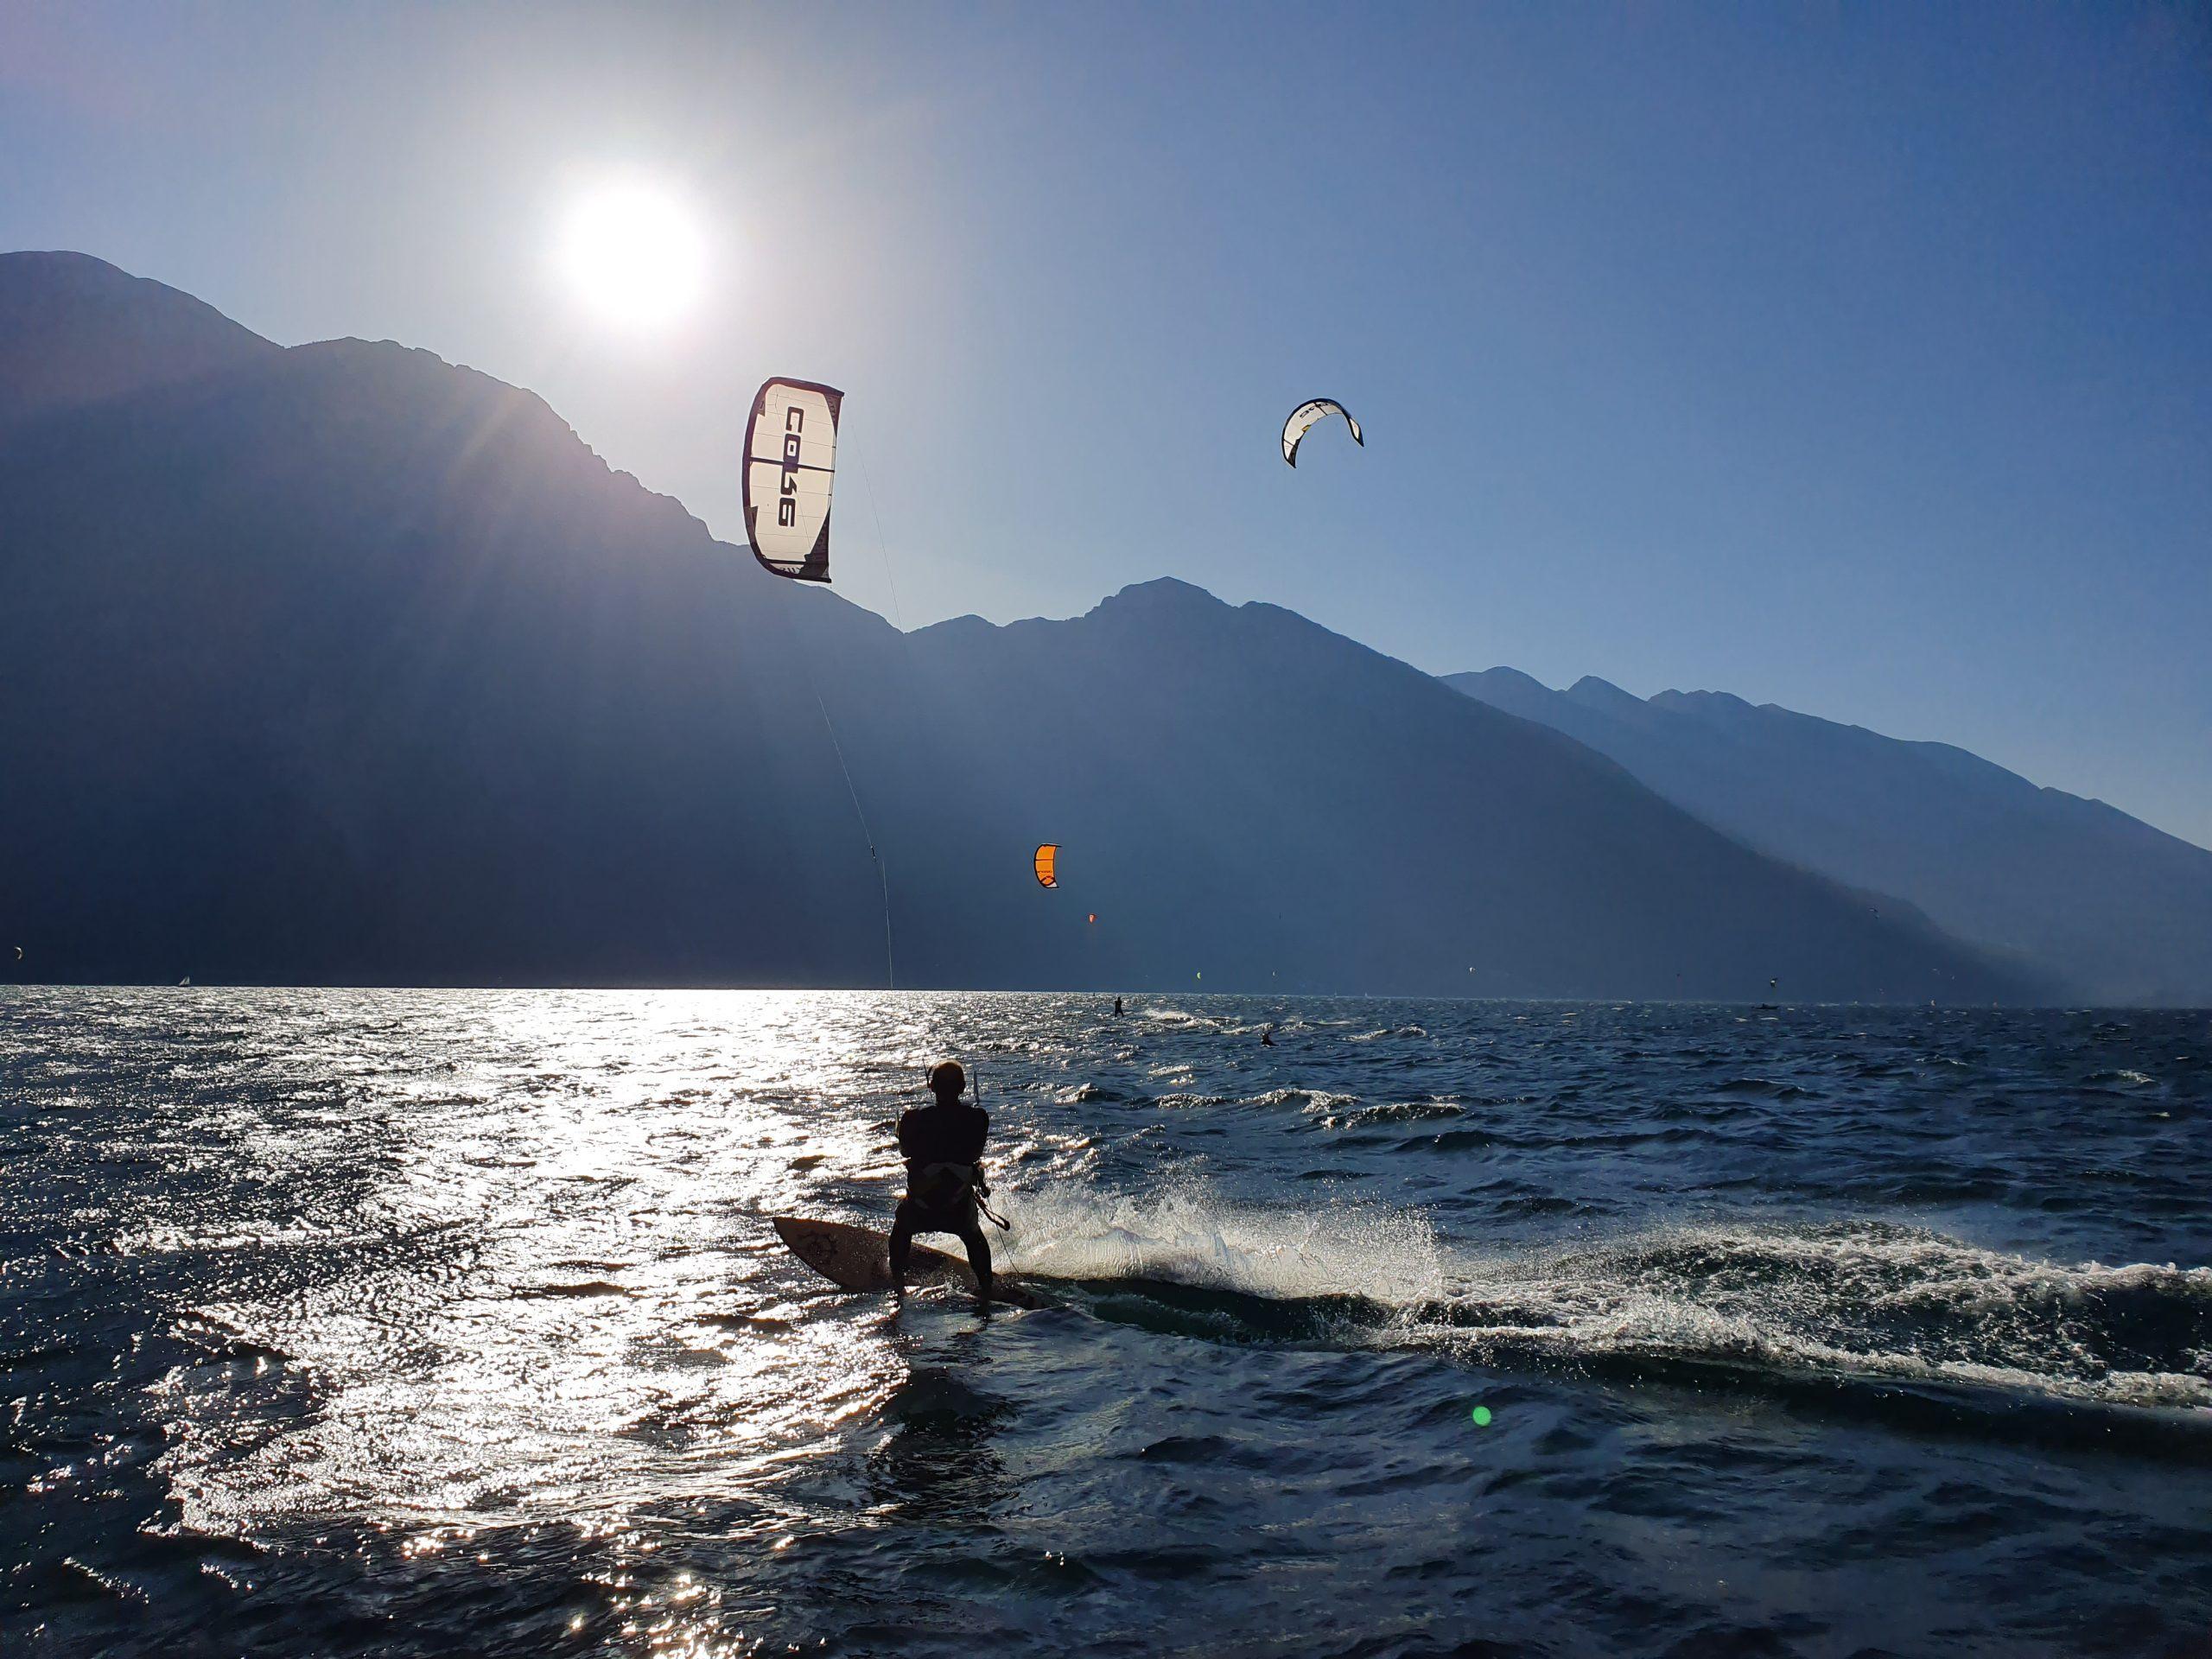 scuola di kitesurf Wind Riders sul Lago di Garda